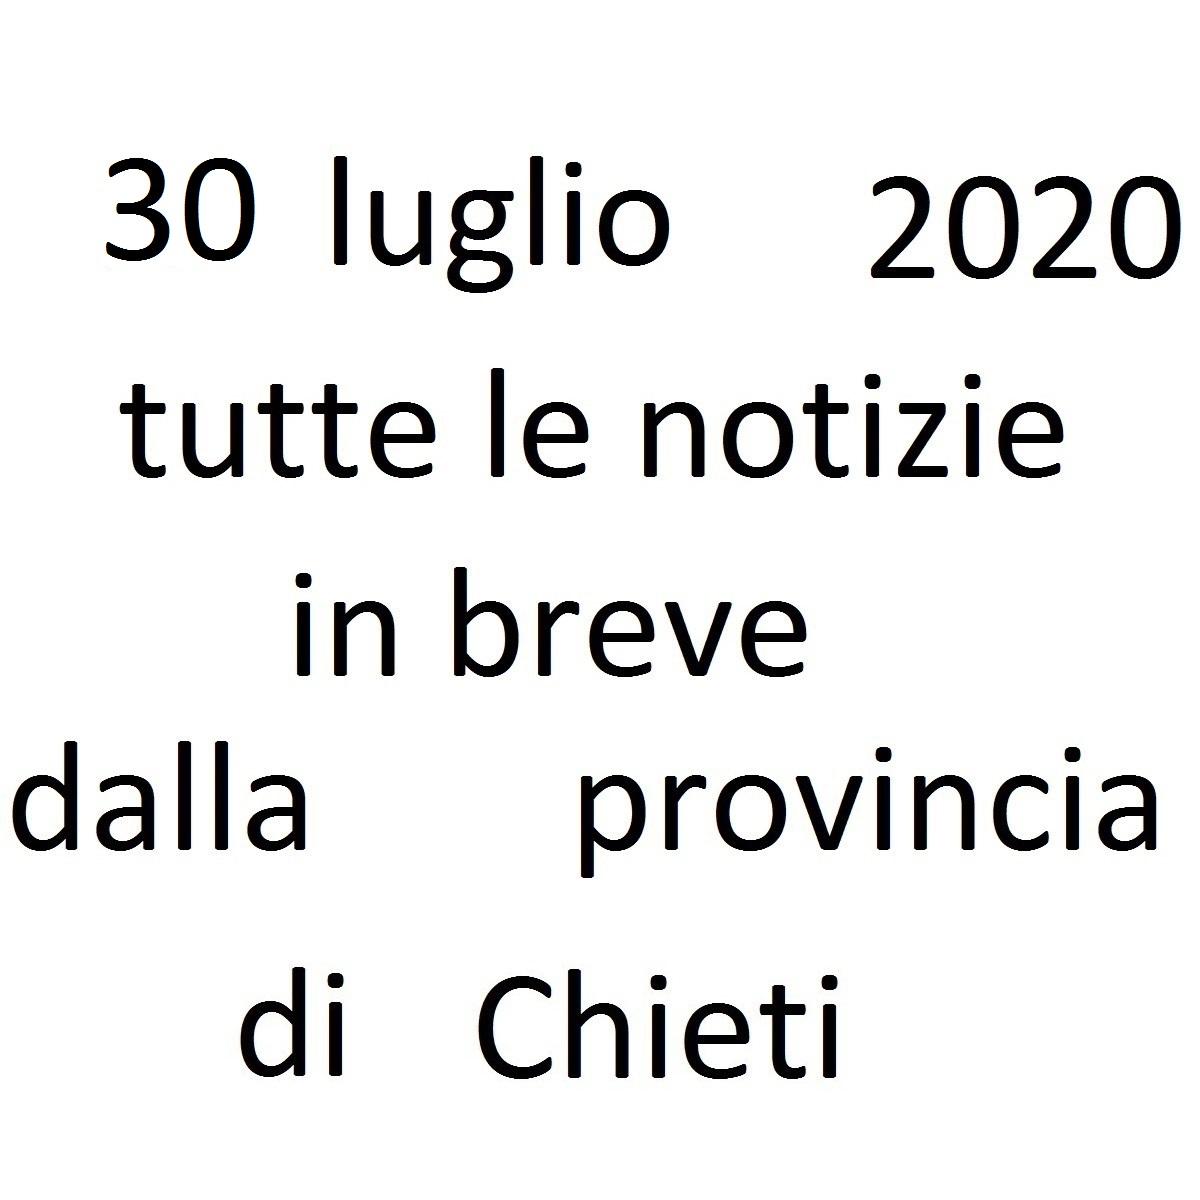 30 luglio 2020 notizie in breve dalla Provincia di Chieti foto